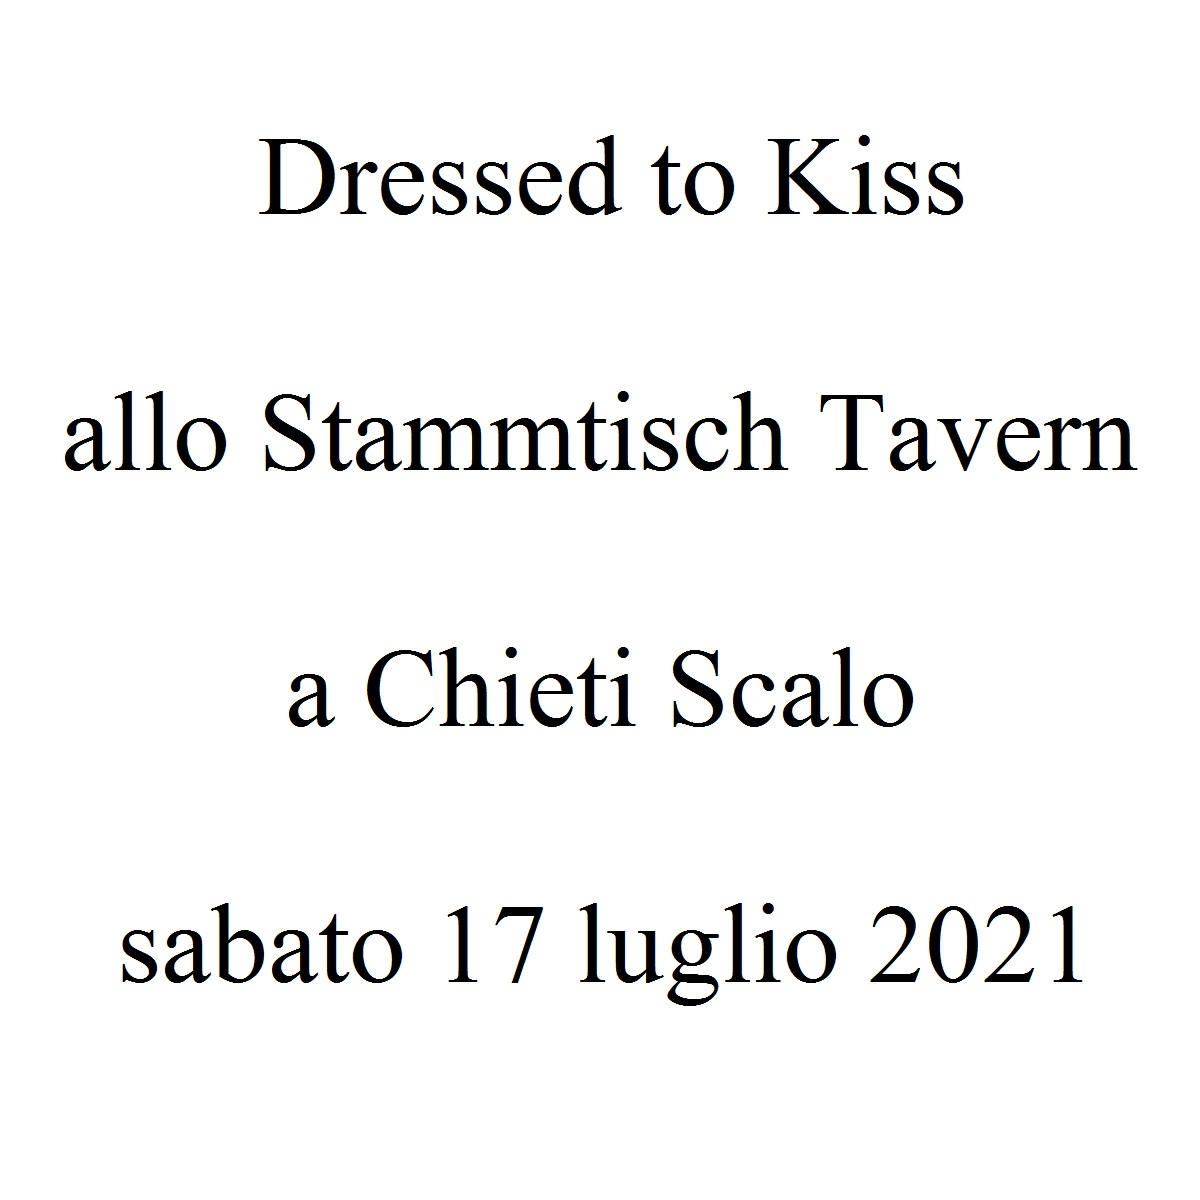 Dressed to Kiss allo Stammtisch Tavern 17 luglio 2021 foto